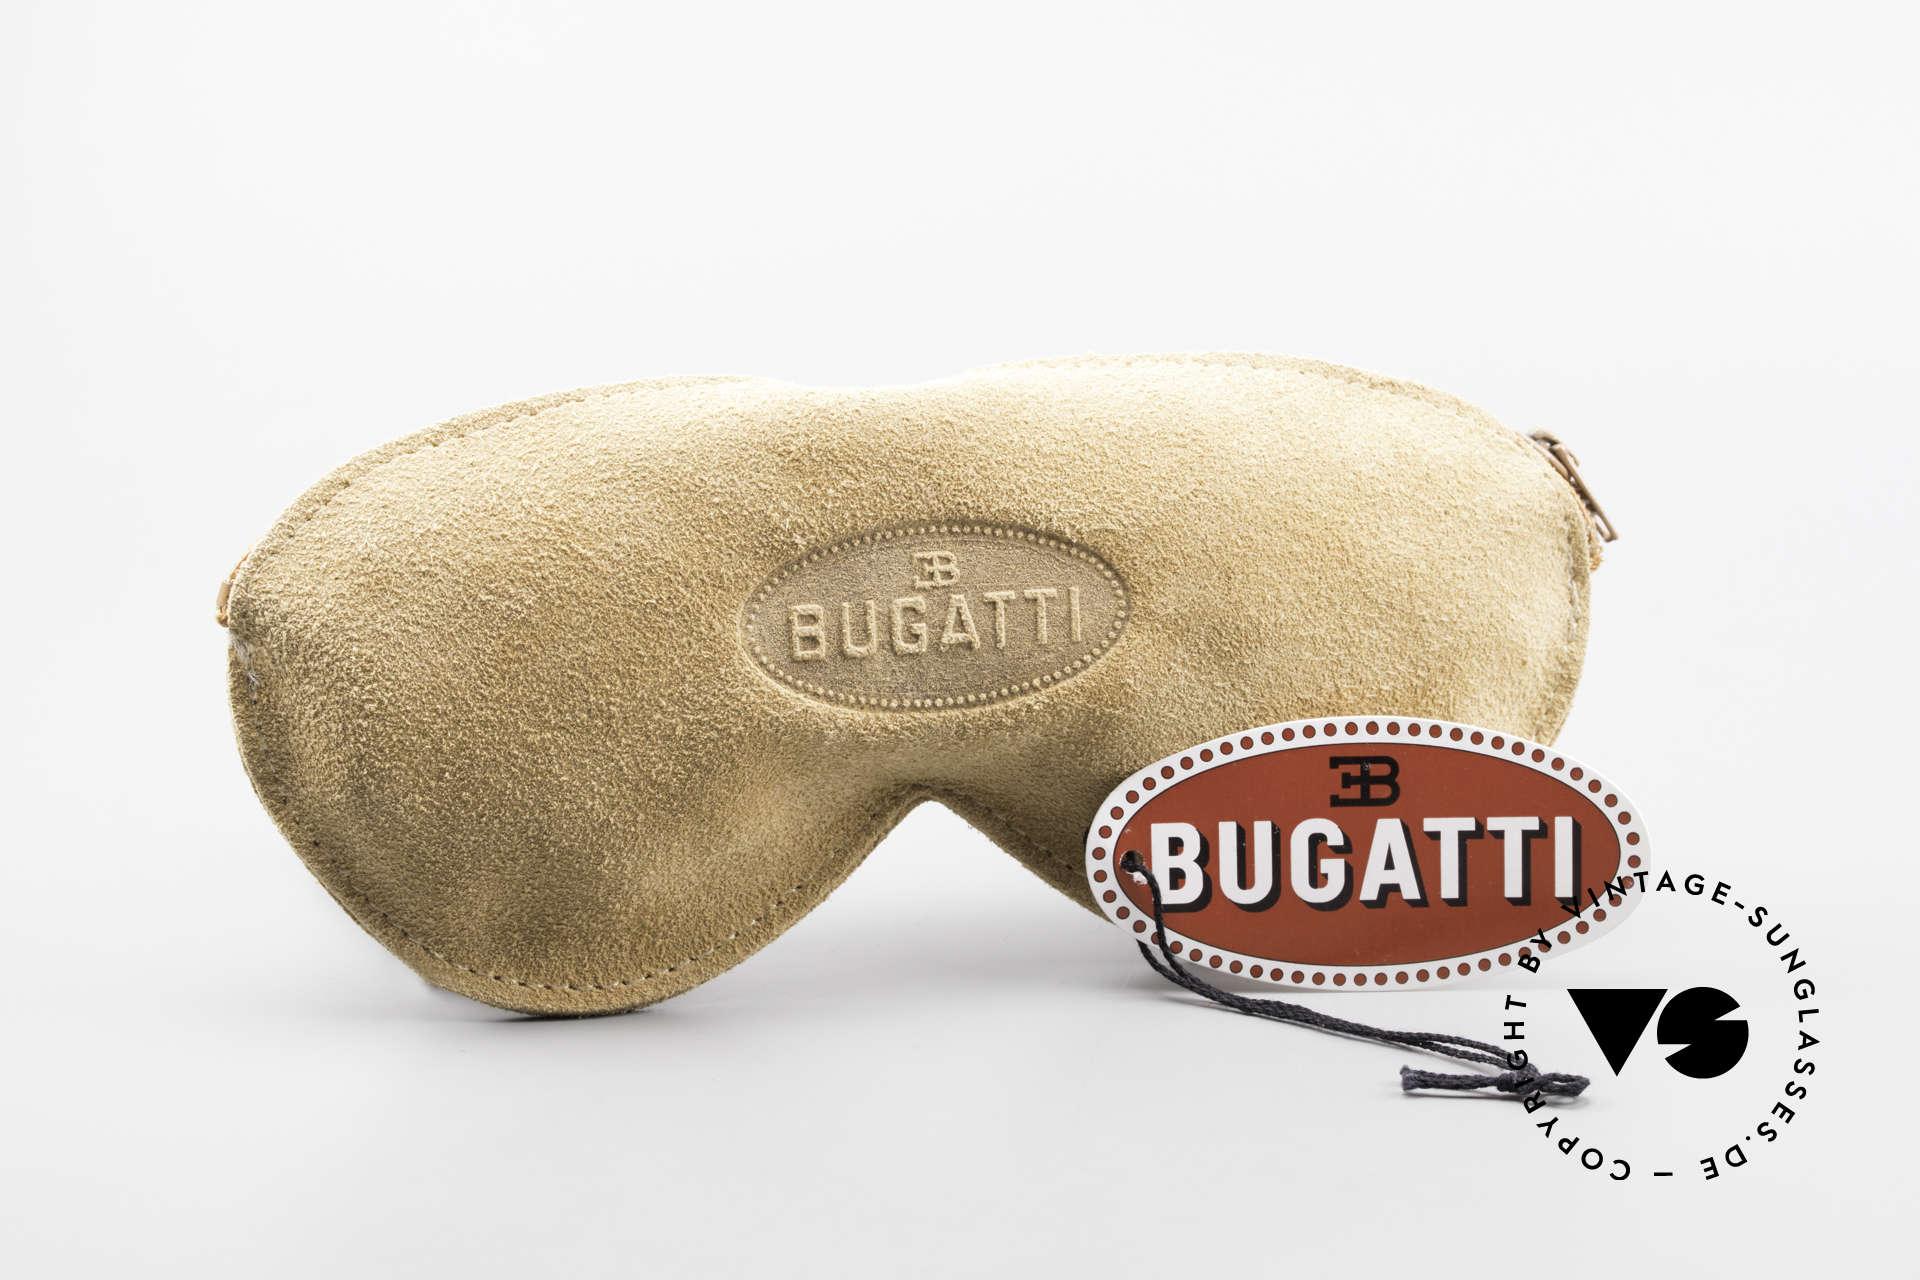 Bugatti 08105 Alte Vintage Brille Herren 80er, Größe: medium, Passend für Herren